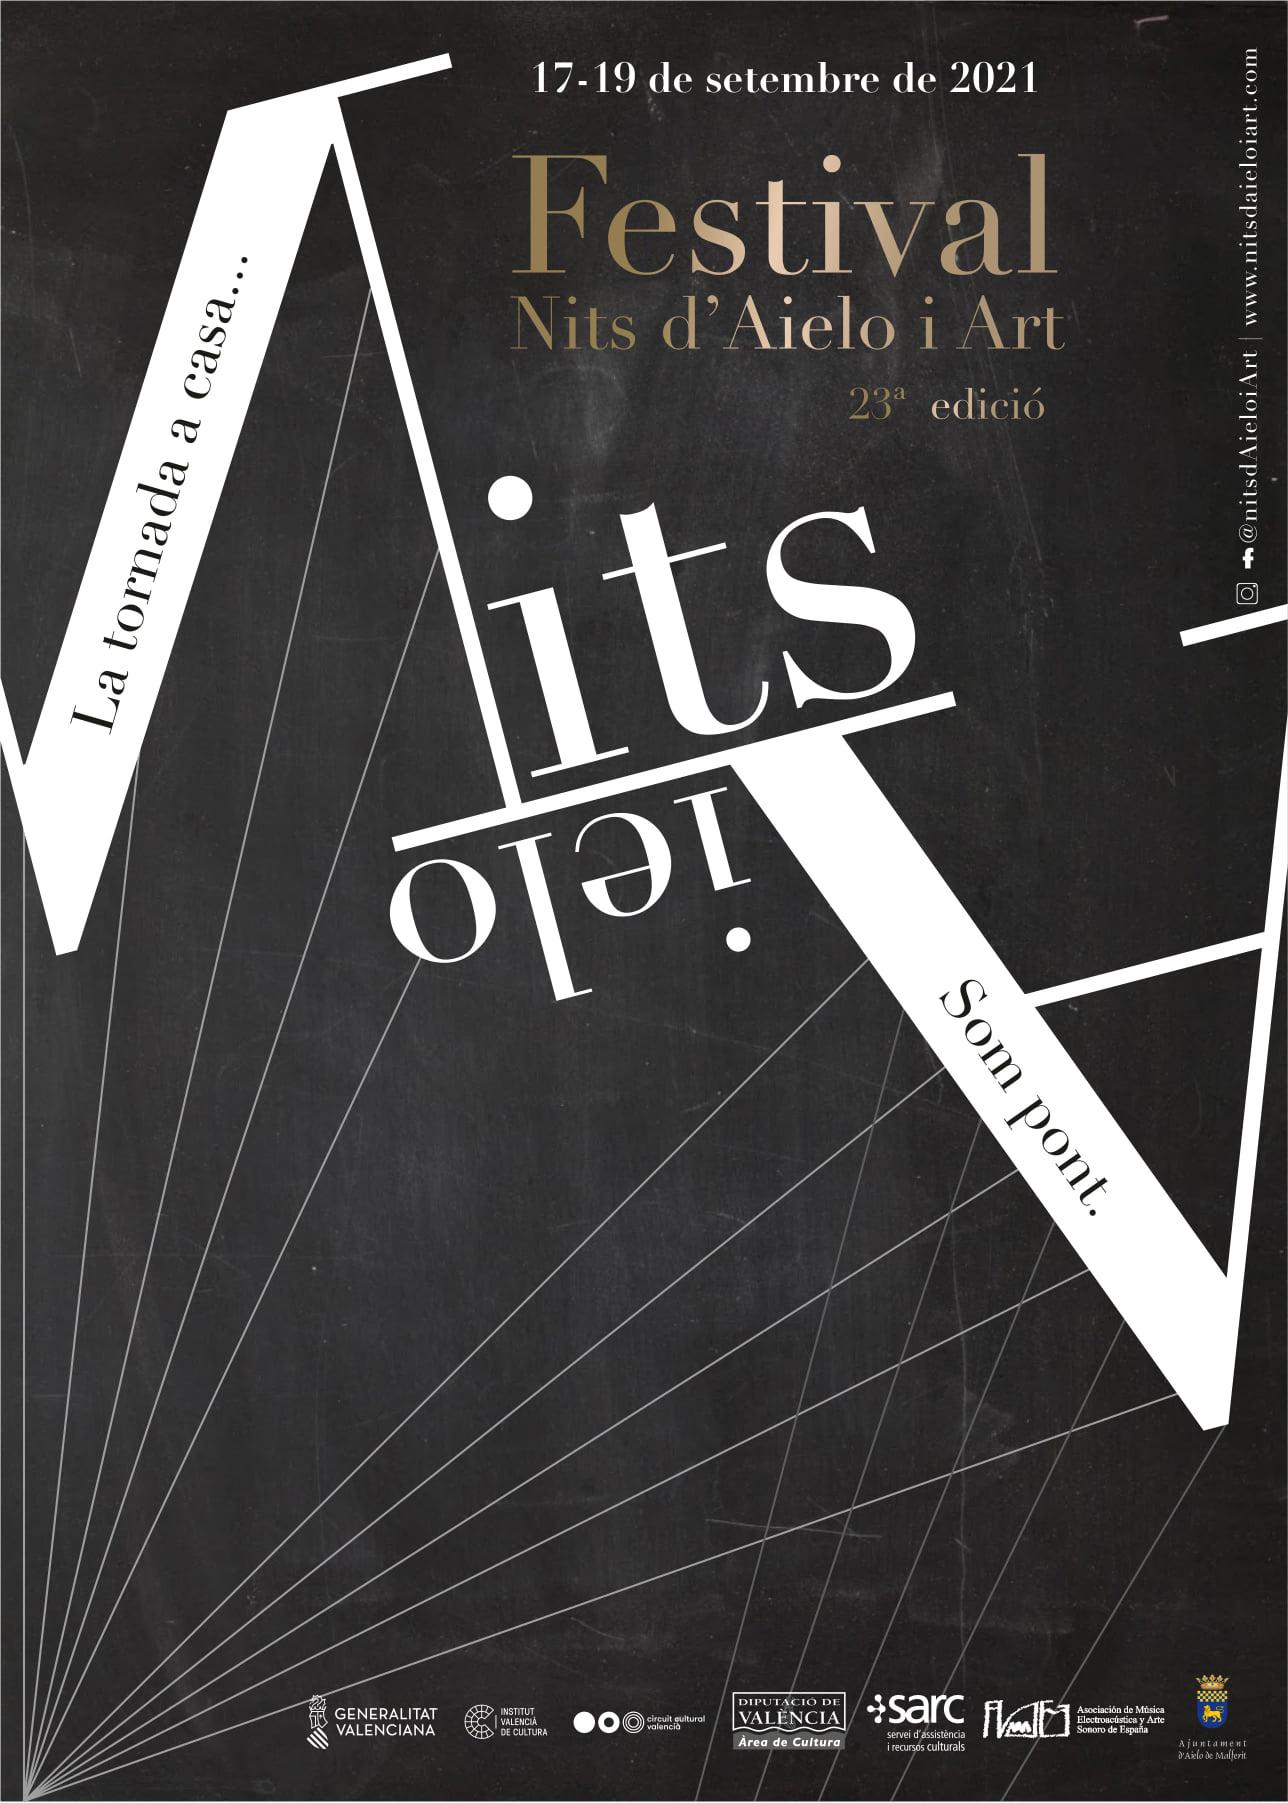 """Aielo de Malferit recupera el festival de música experimental i art sonor """"Nits d'Aielo i Art"""""""